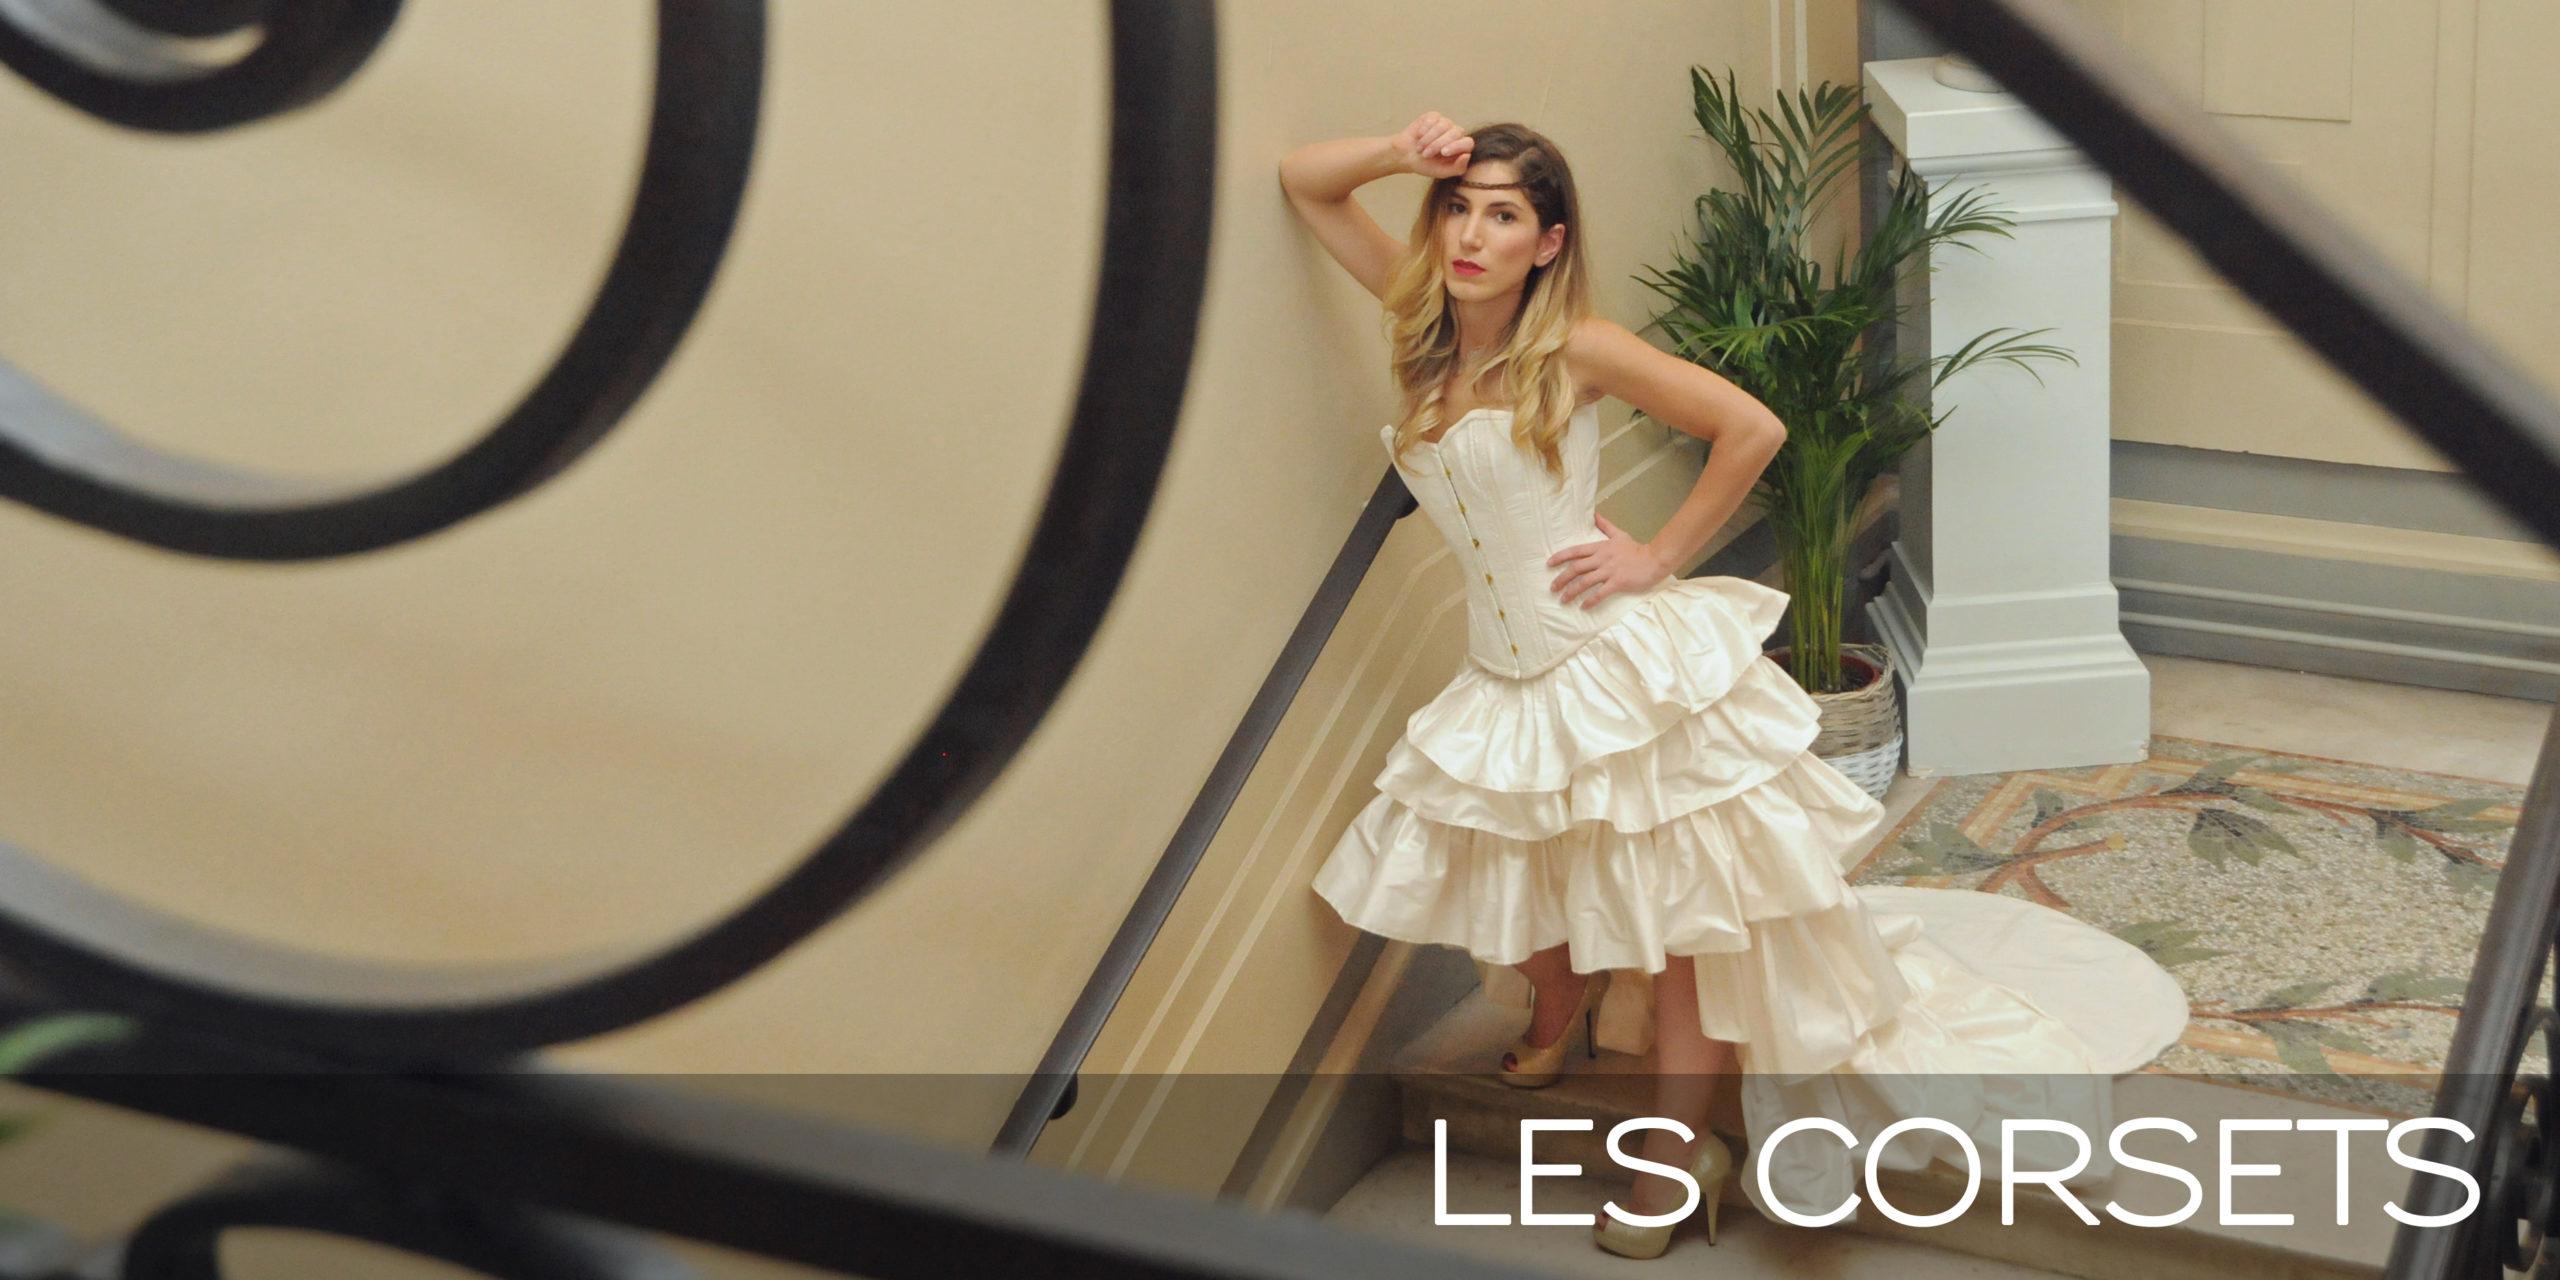 LES CORSETS - Fabienne Dimanov Paris